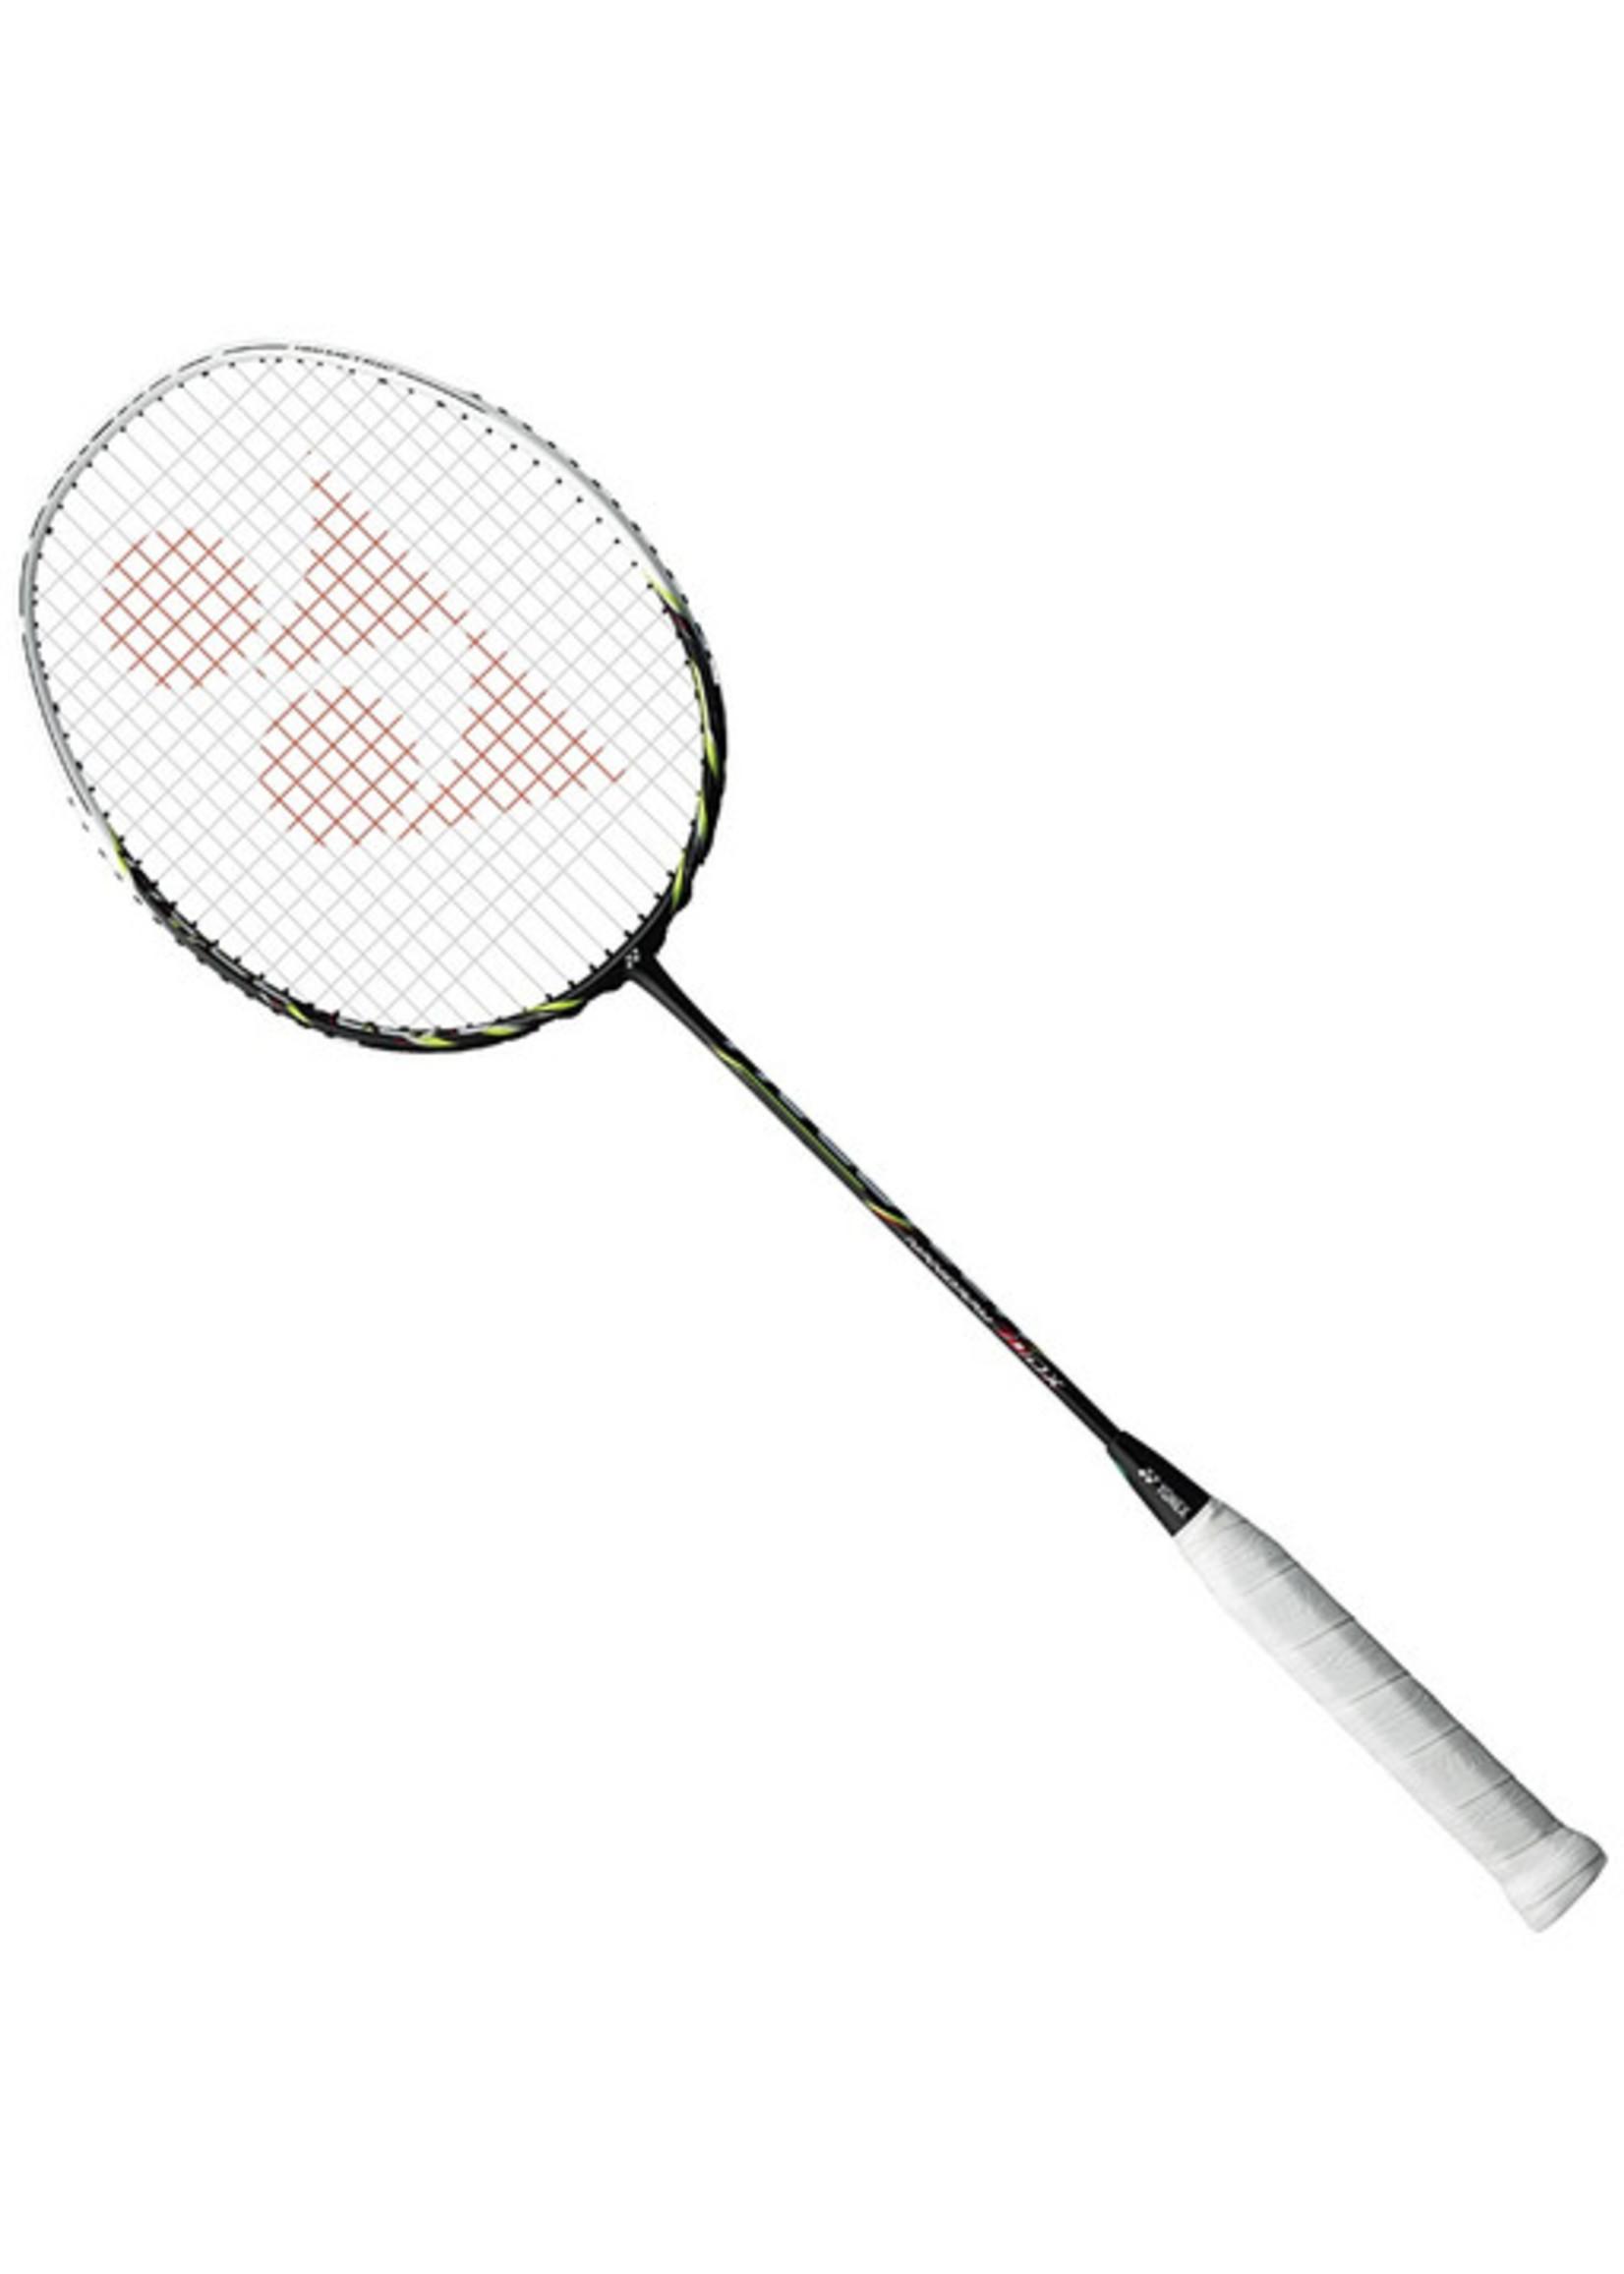 Yonex Yonex Nanoray 70DX Badminton Racket